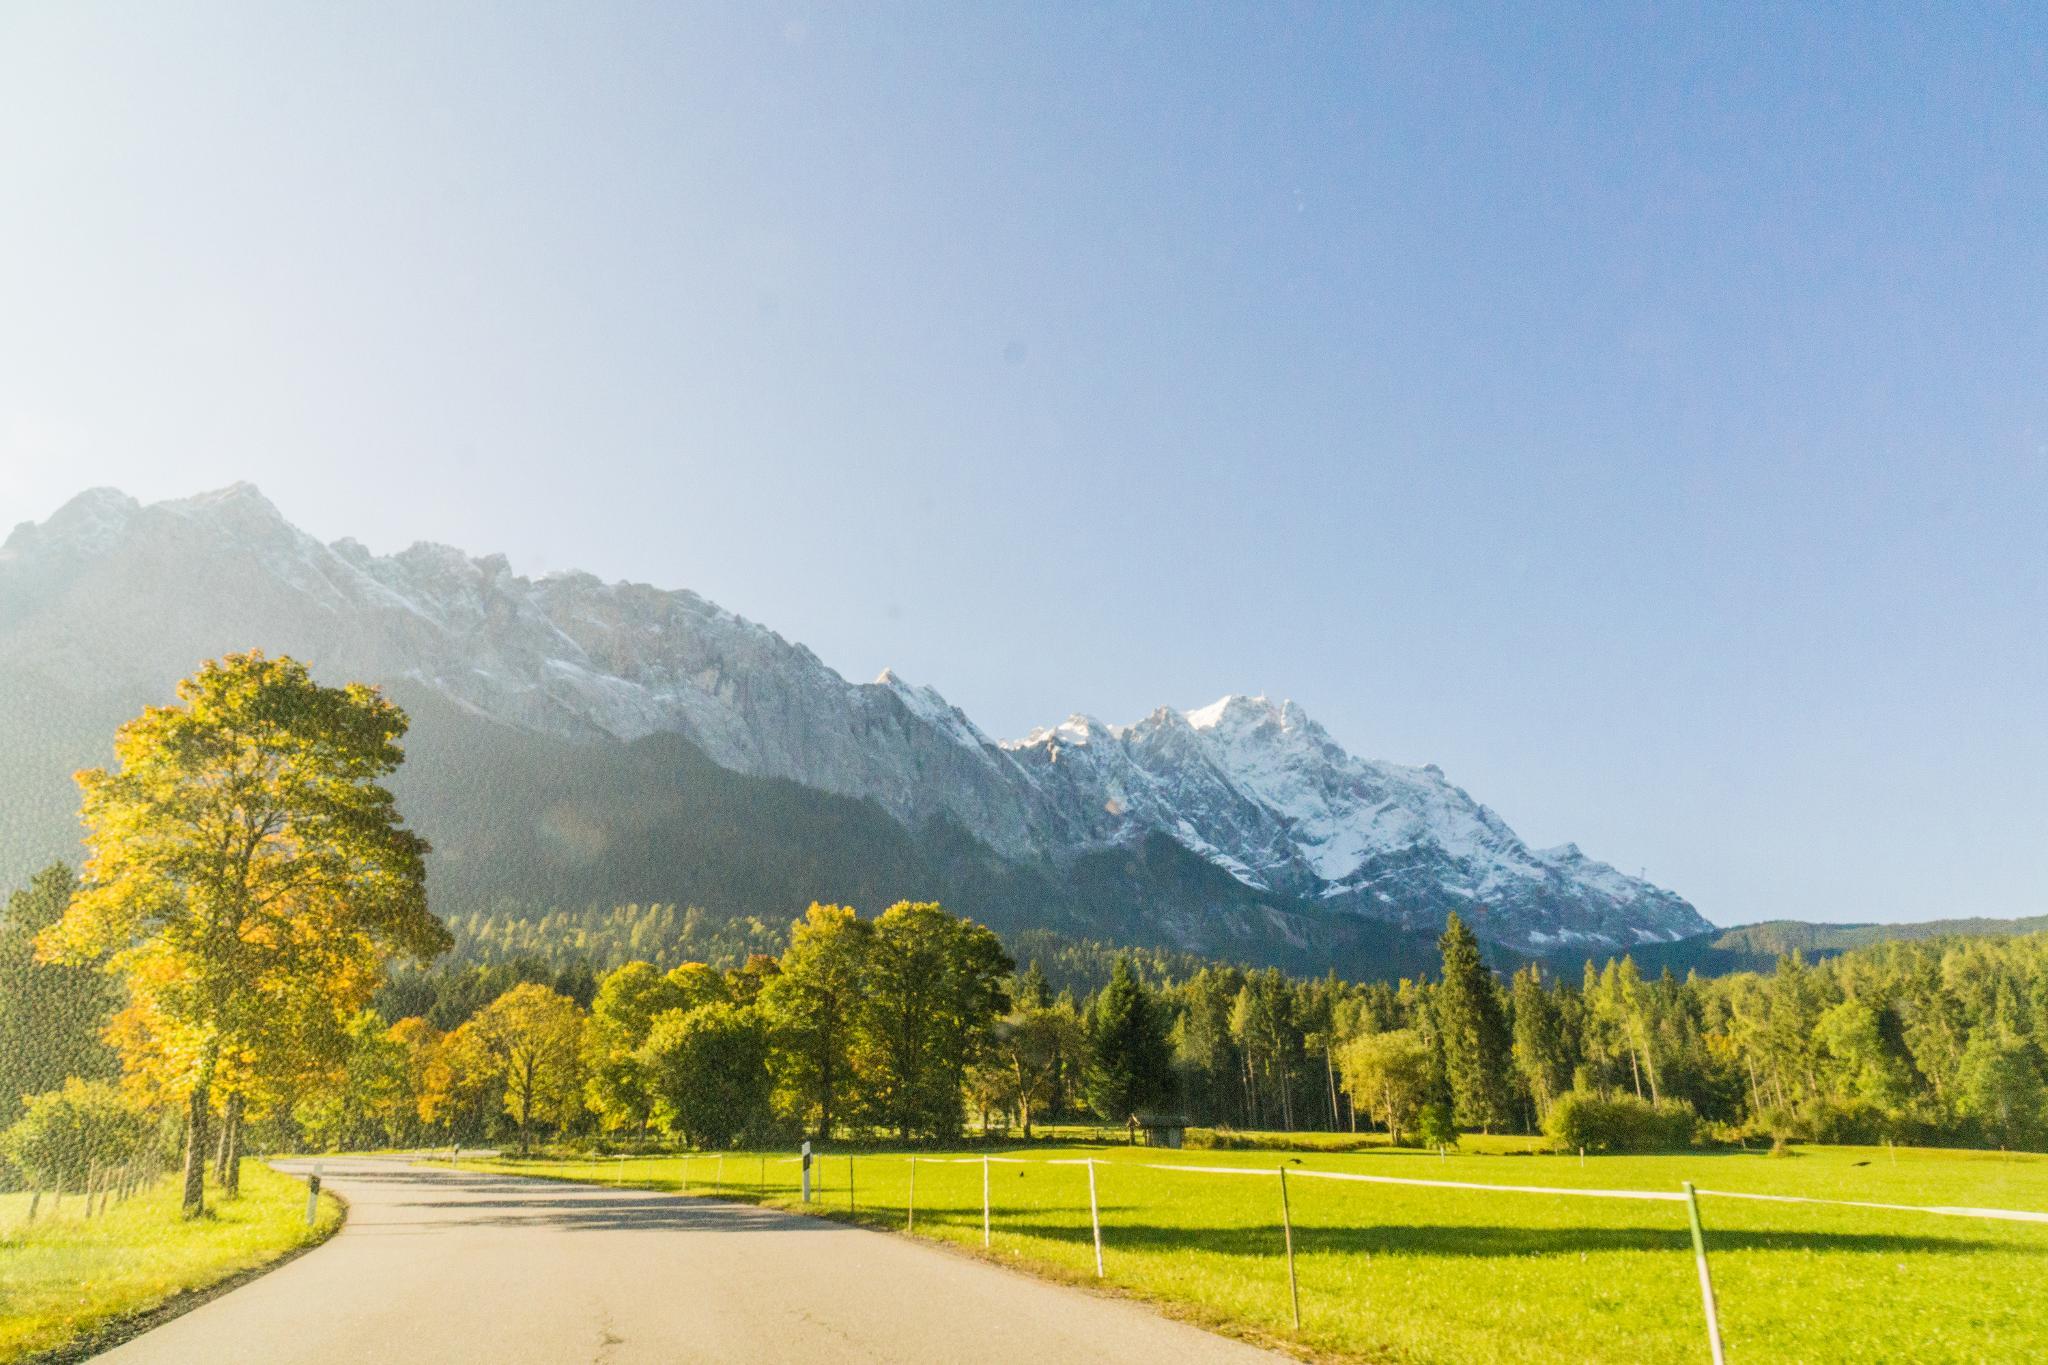 【德國】阿爾卑斯大道:楚格峰 (Zugspitze) 登上德國之巔 10